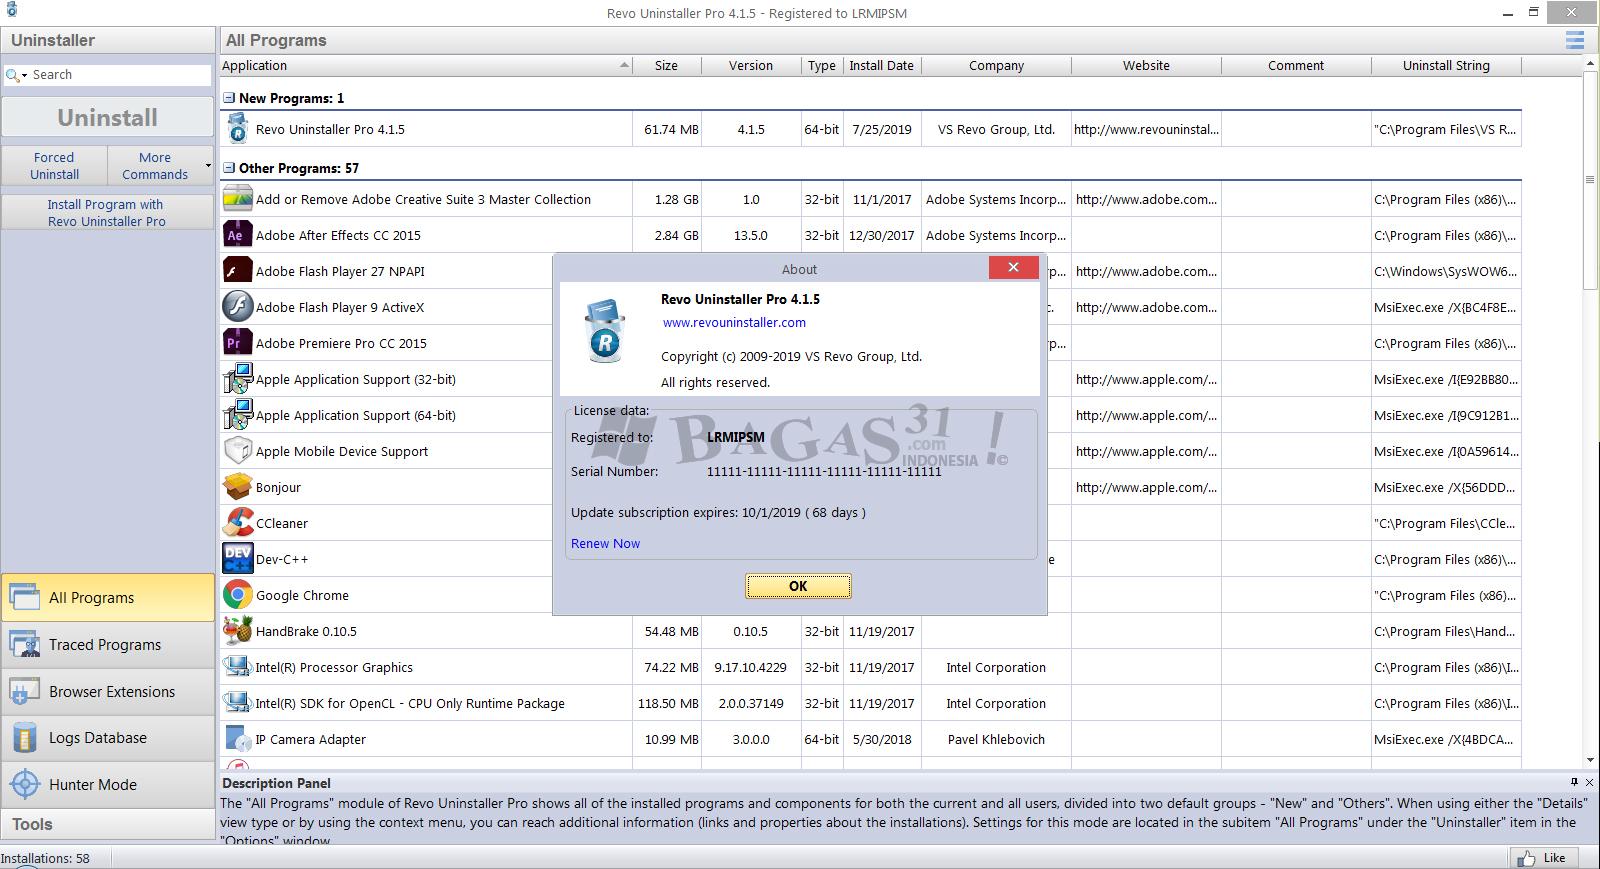 Revo Uninstaller Pro 4.1.5 Full Version 2